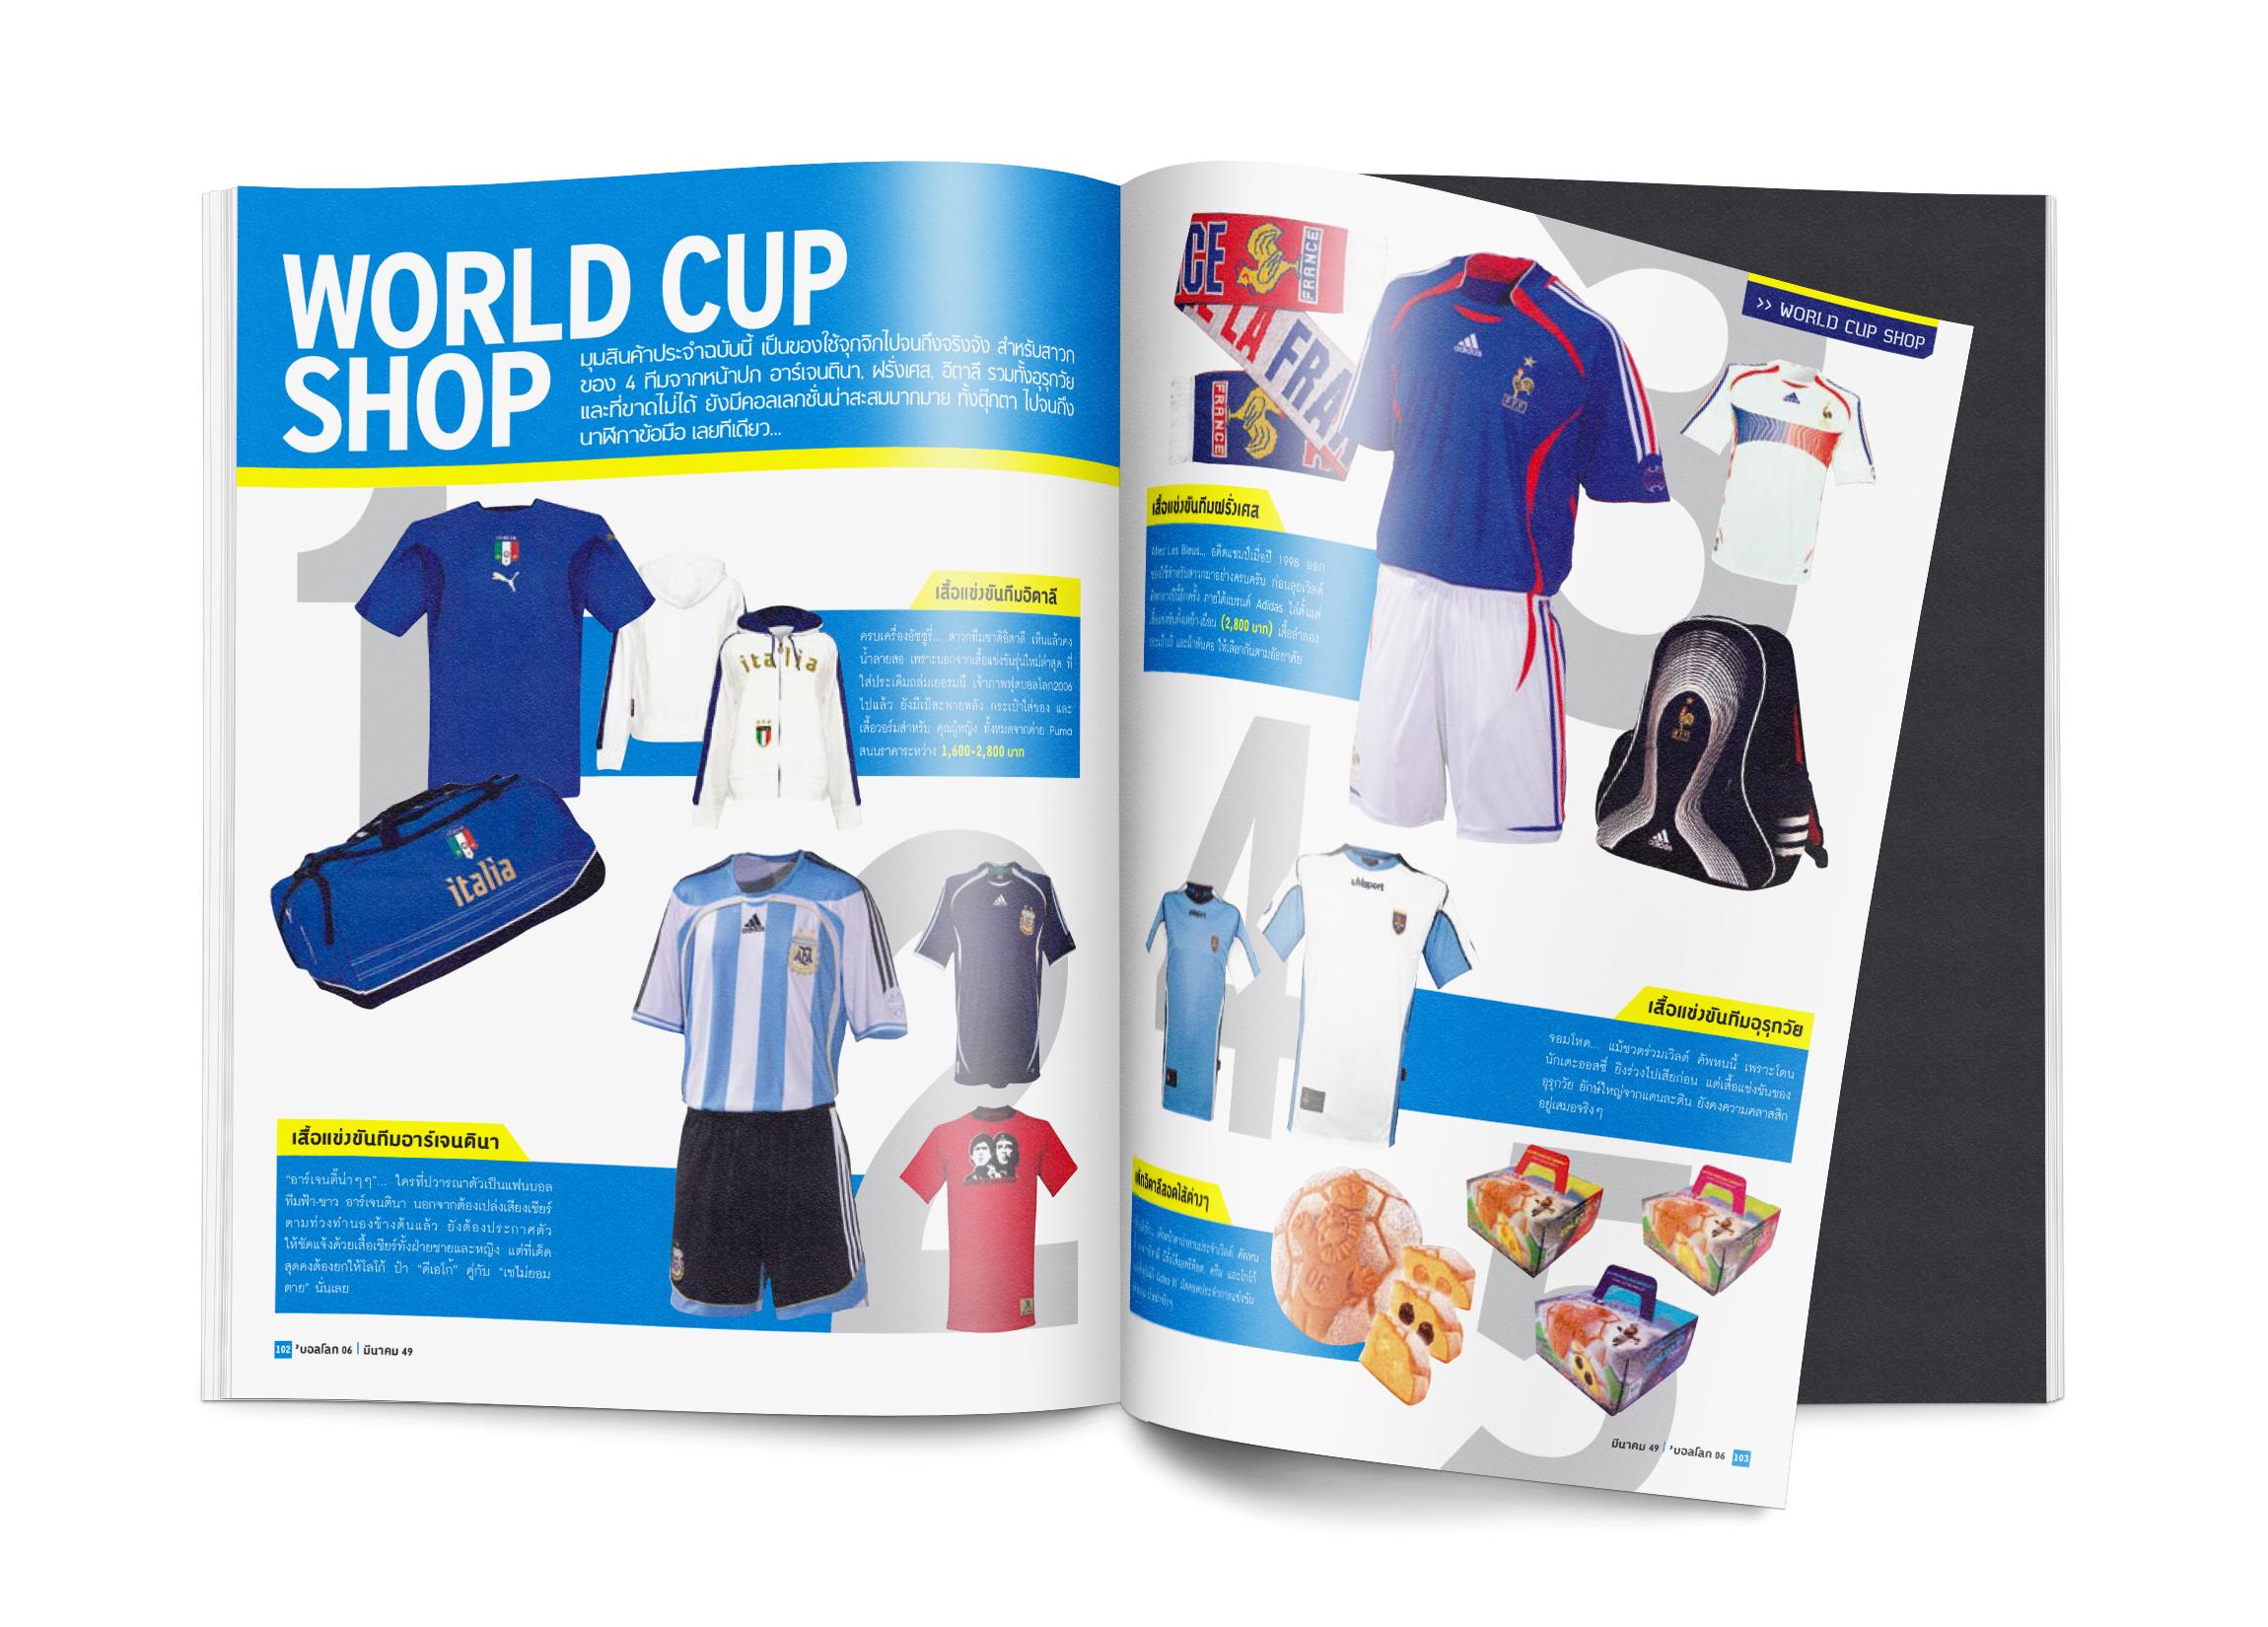 worldcup3.jpg